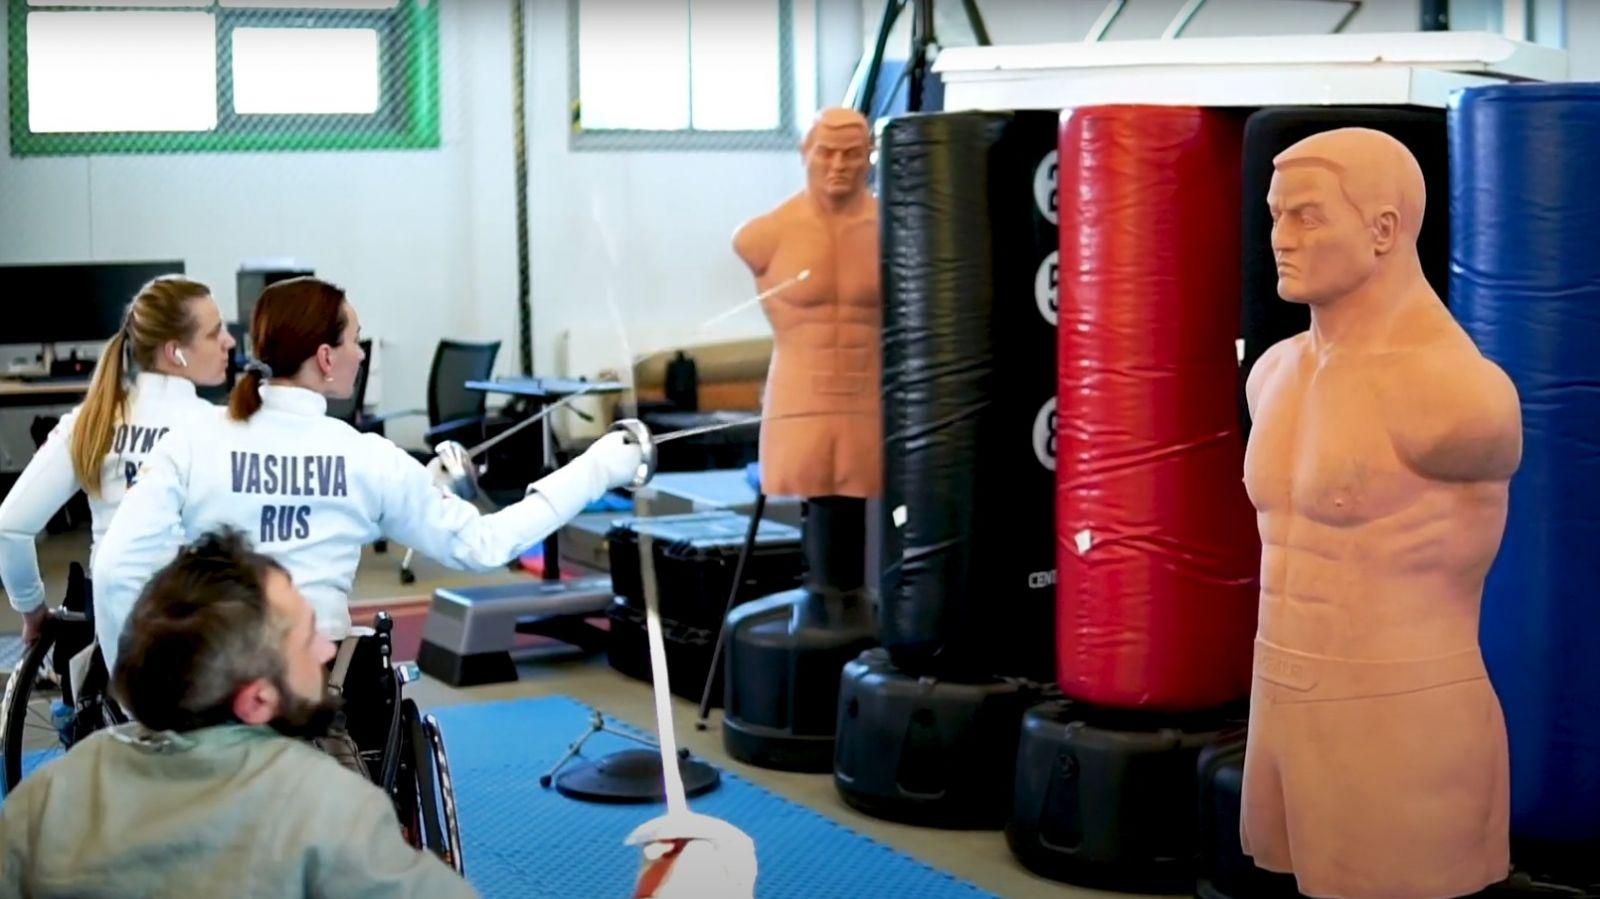 ПКР представляет очередной ролик серии Спорт #БезПреград о паралимпийских видах спорта